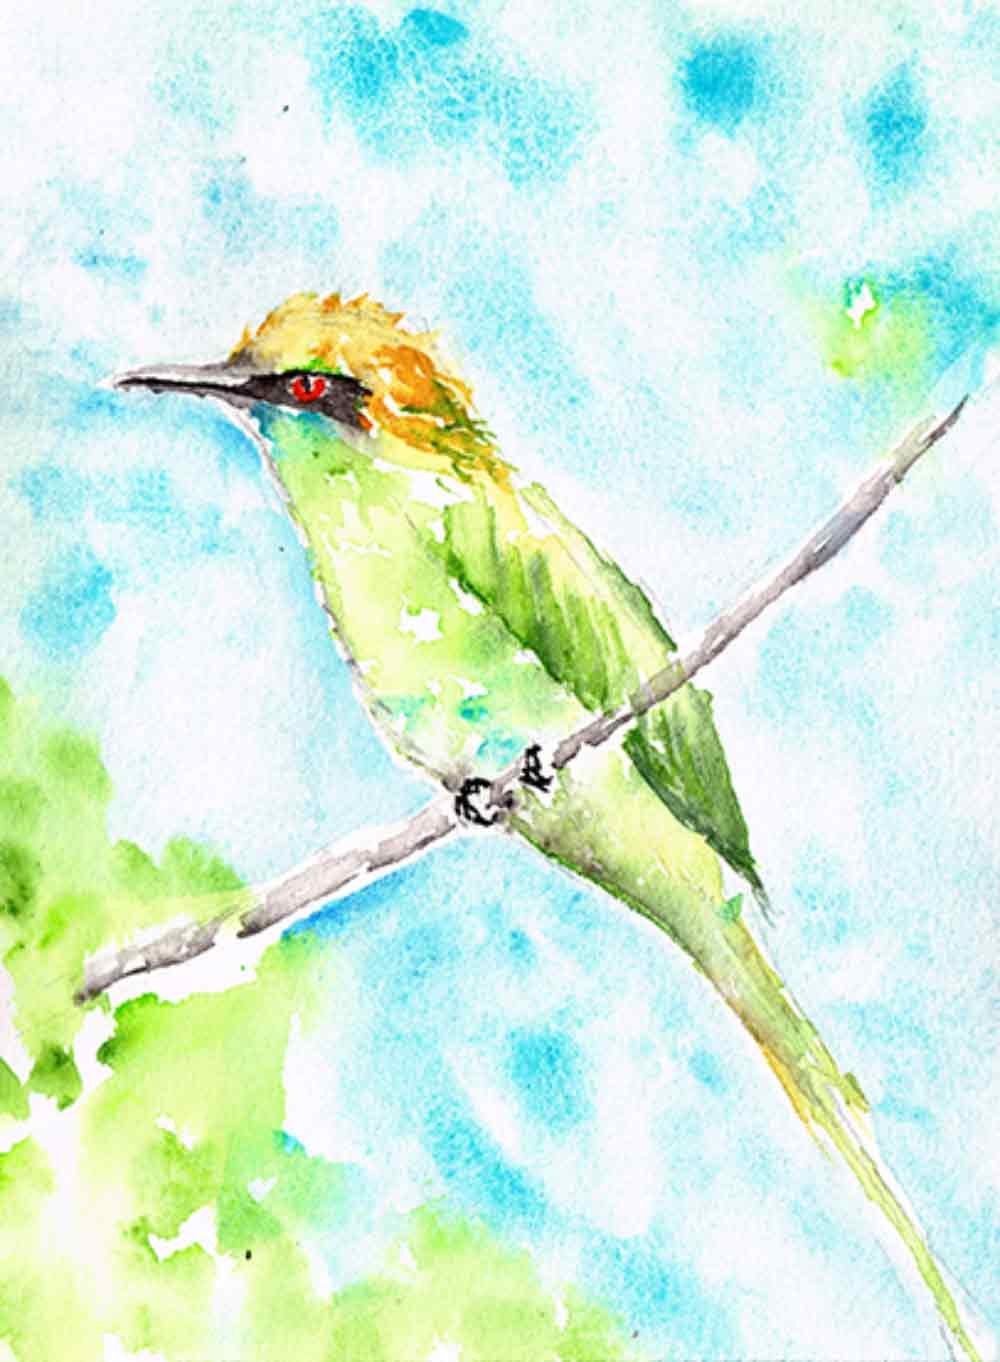 Little-bird-no-3-kw.jpg